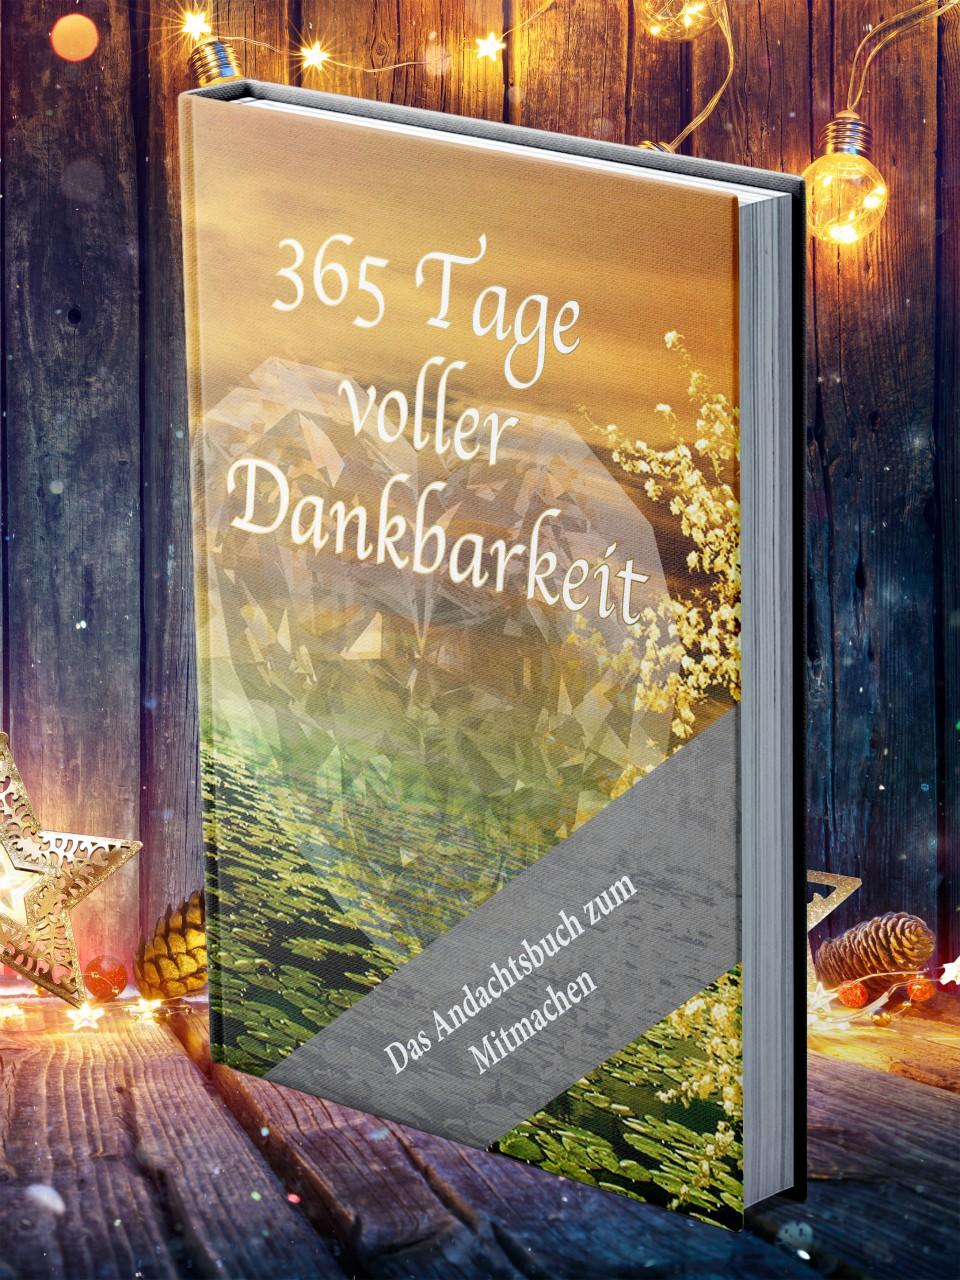 365 Tage voller Dankbarkeit - Das Andachtsbuch zum Mitmachen